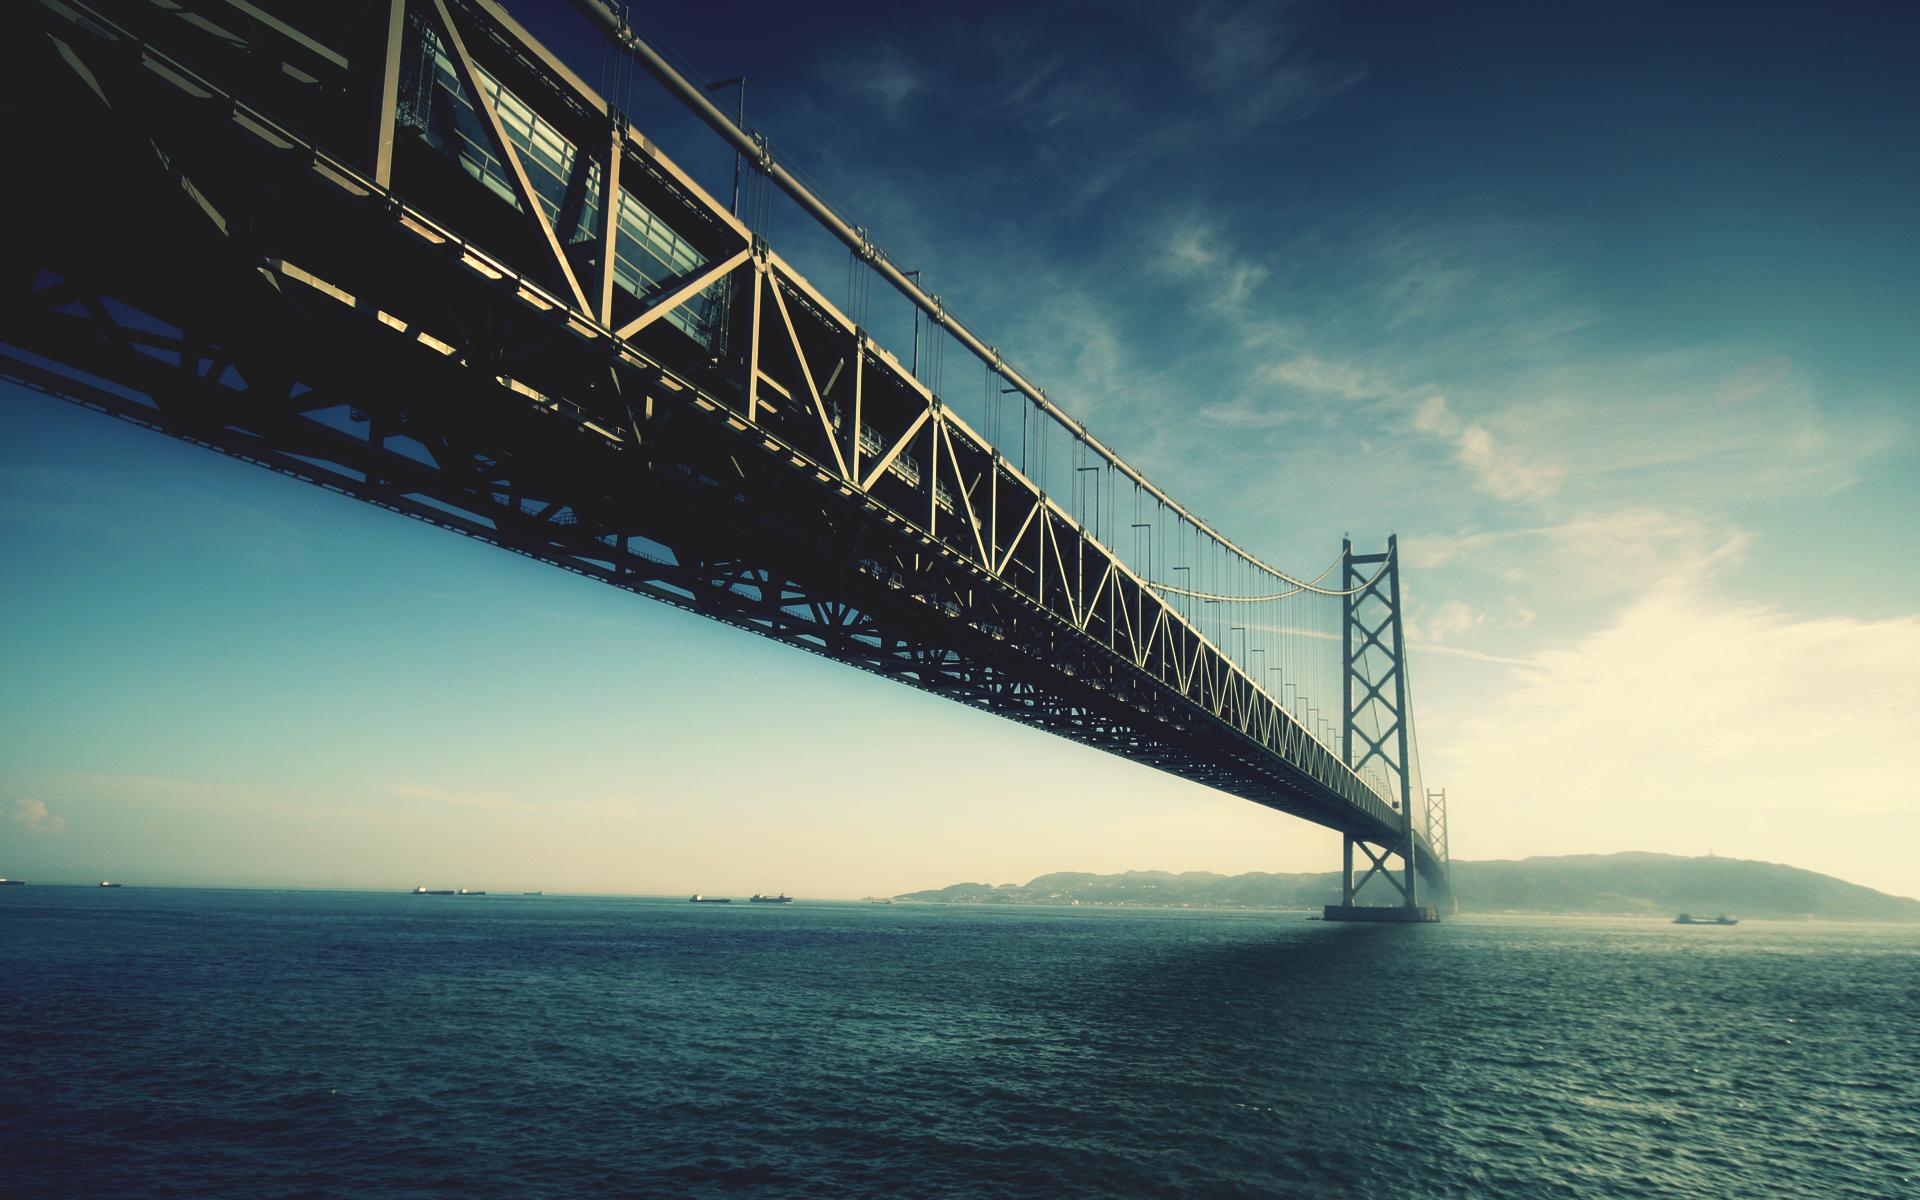 19675 скачать обои Пейзаж, Мосты, Море - заставки и картинки бесплатно